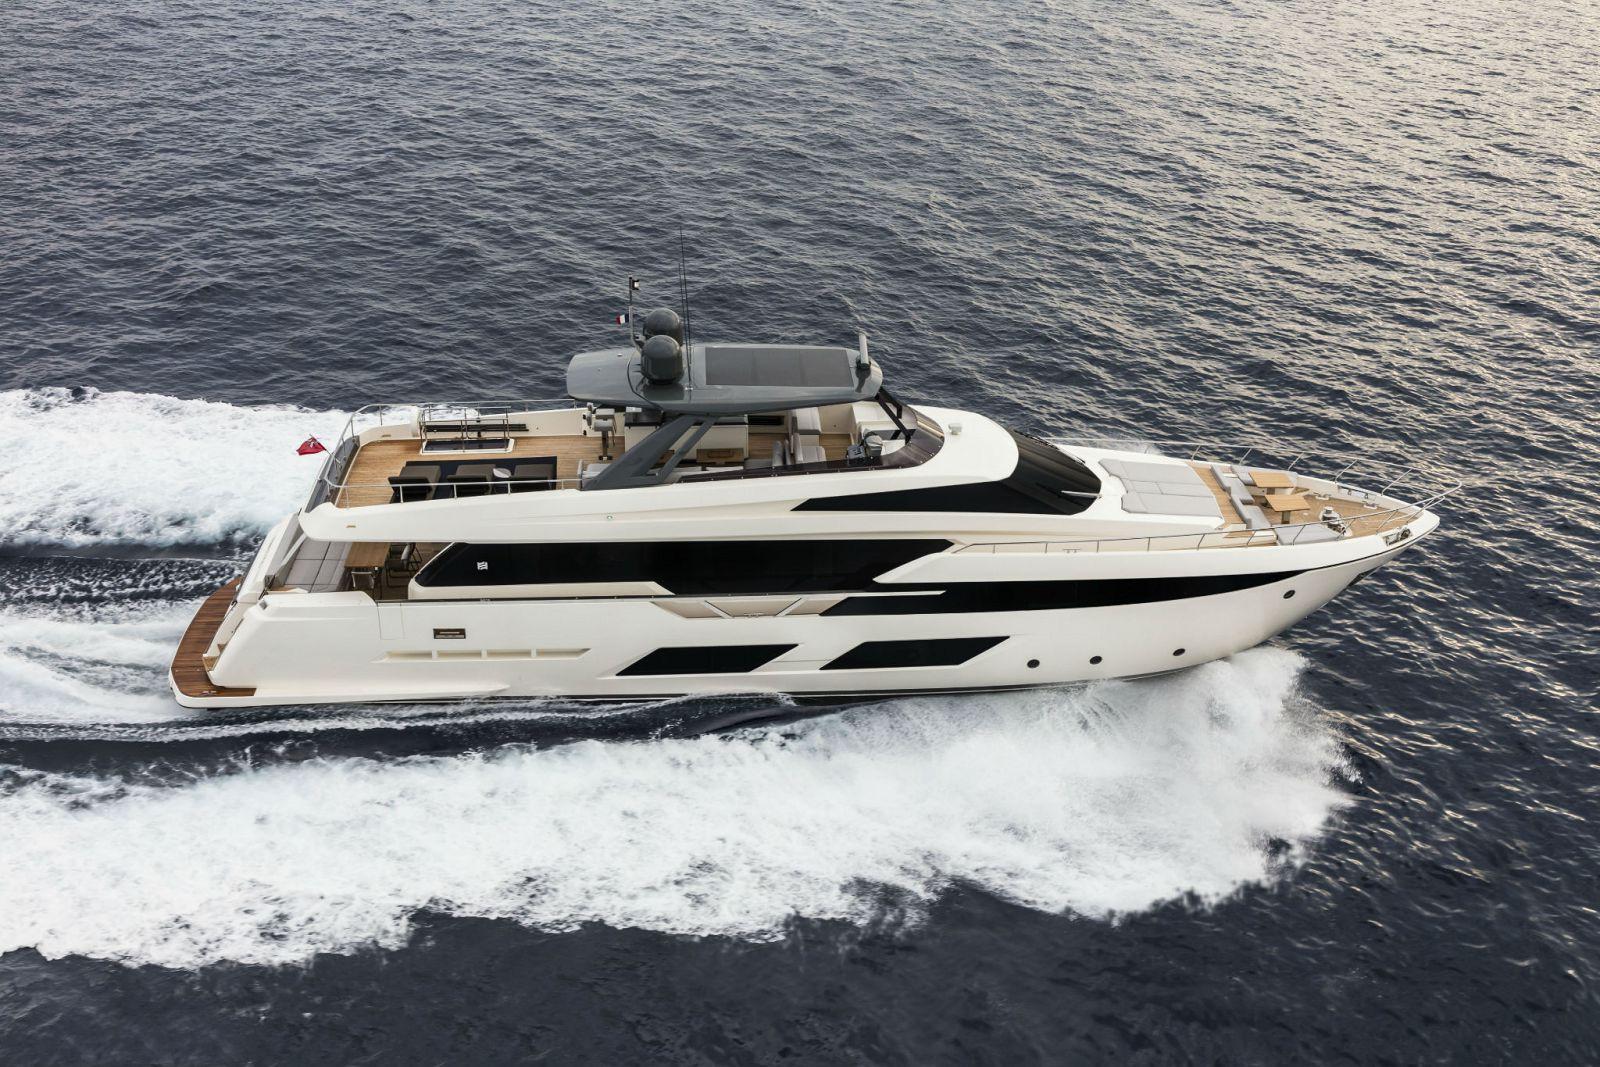 Ferretti 920 Superyacht Exterior Profile >